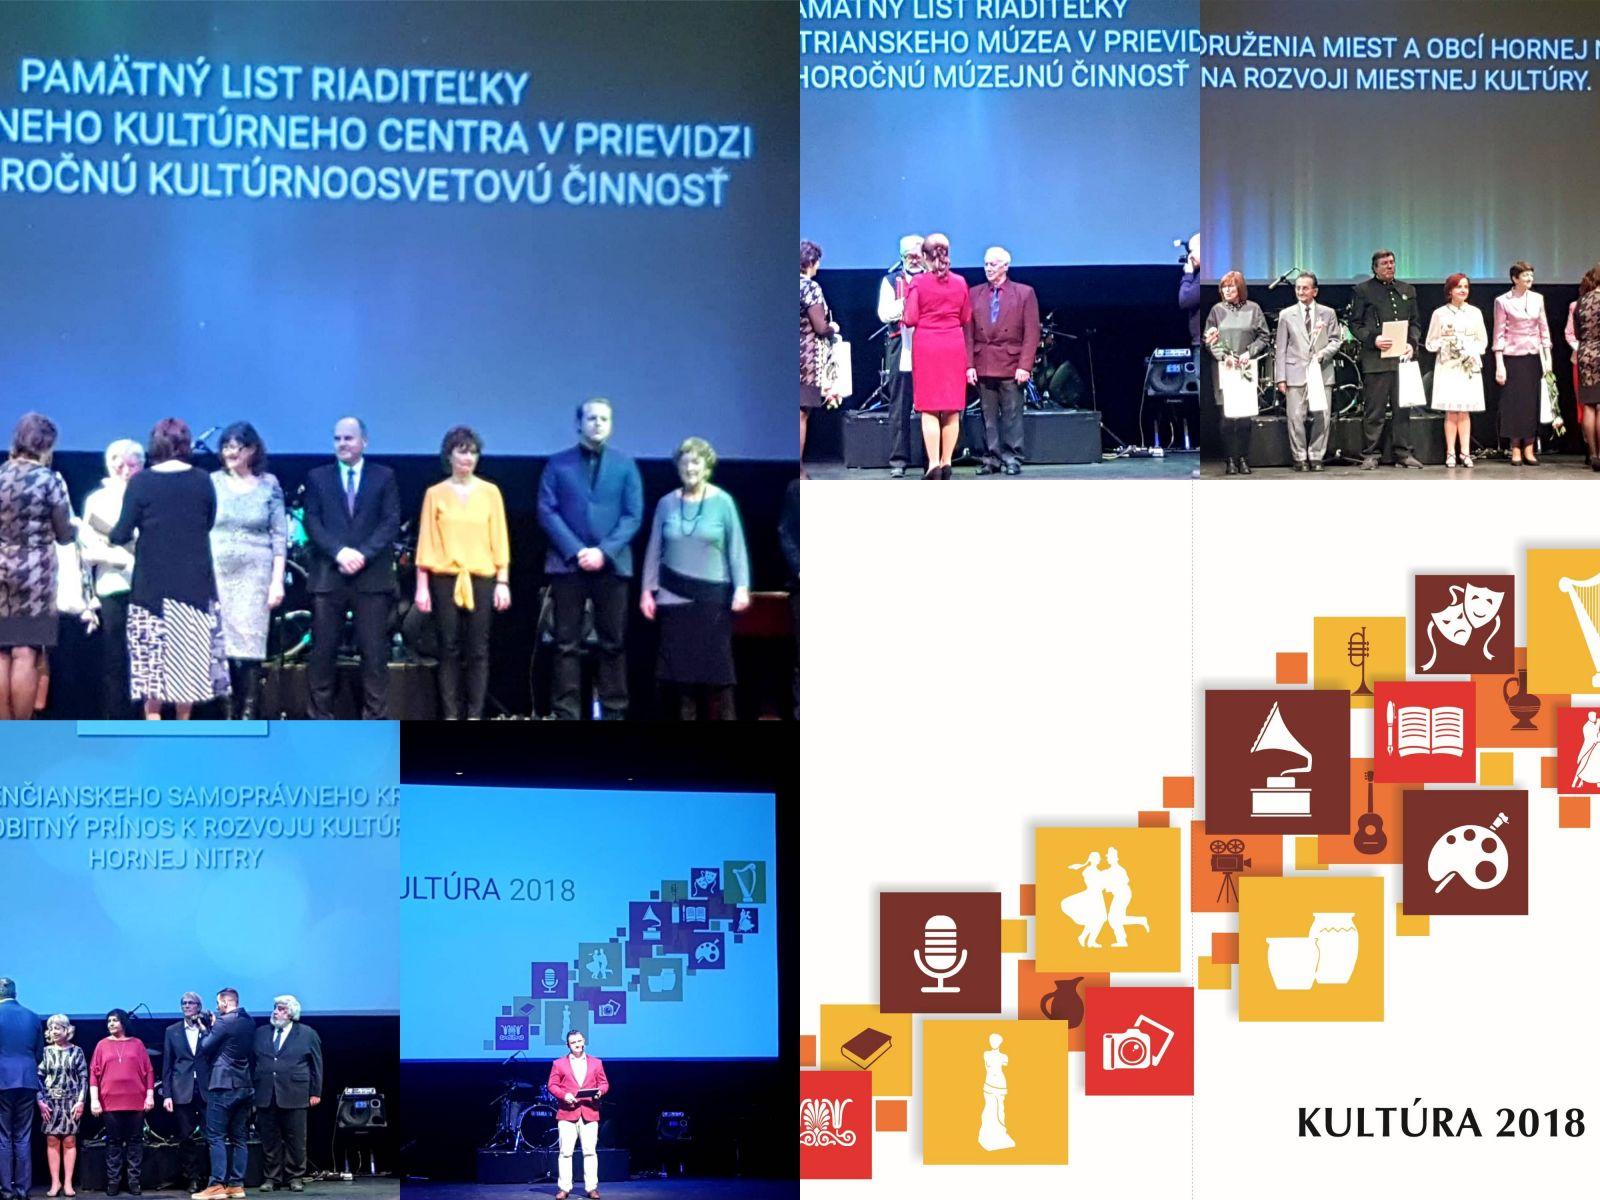 Foto: KULTÚRA 2018 - zoznam ocenených inštitúcií, kolektívov a jednotlivcov hornej Nitry